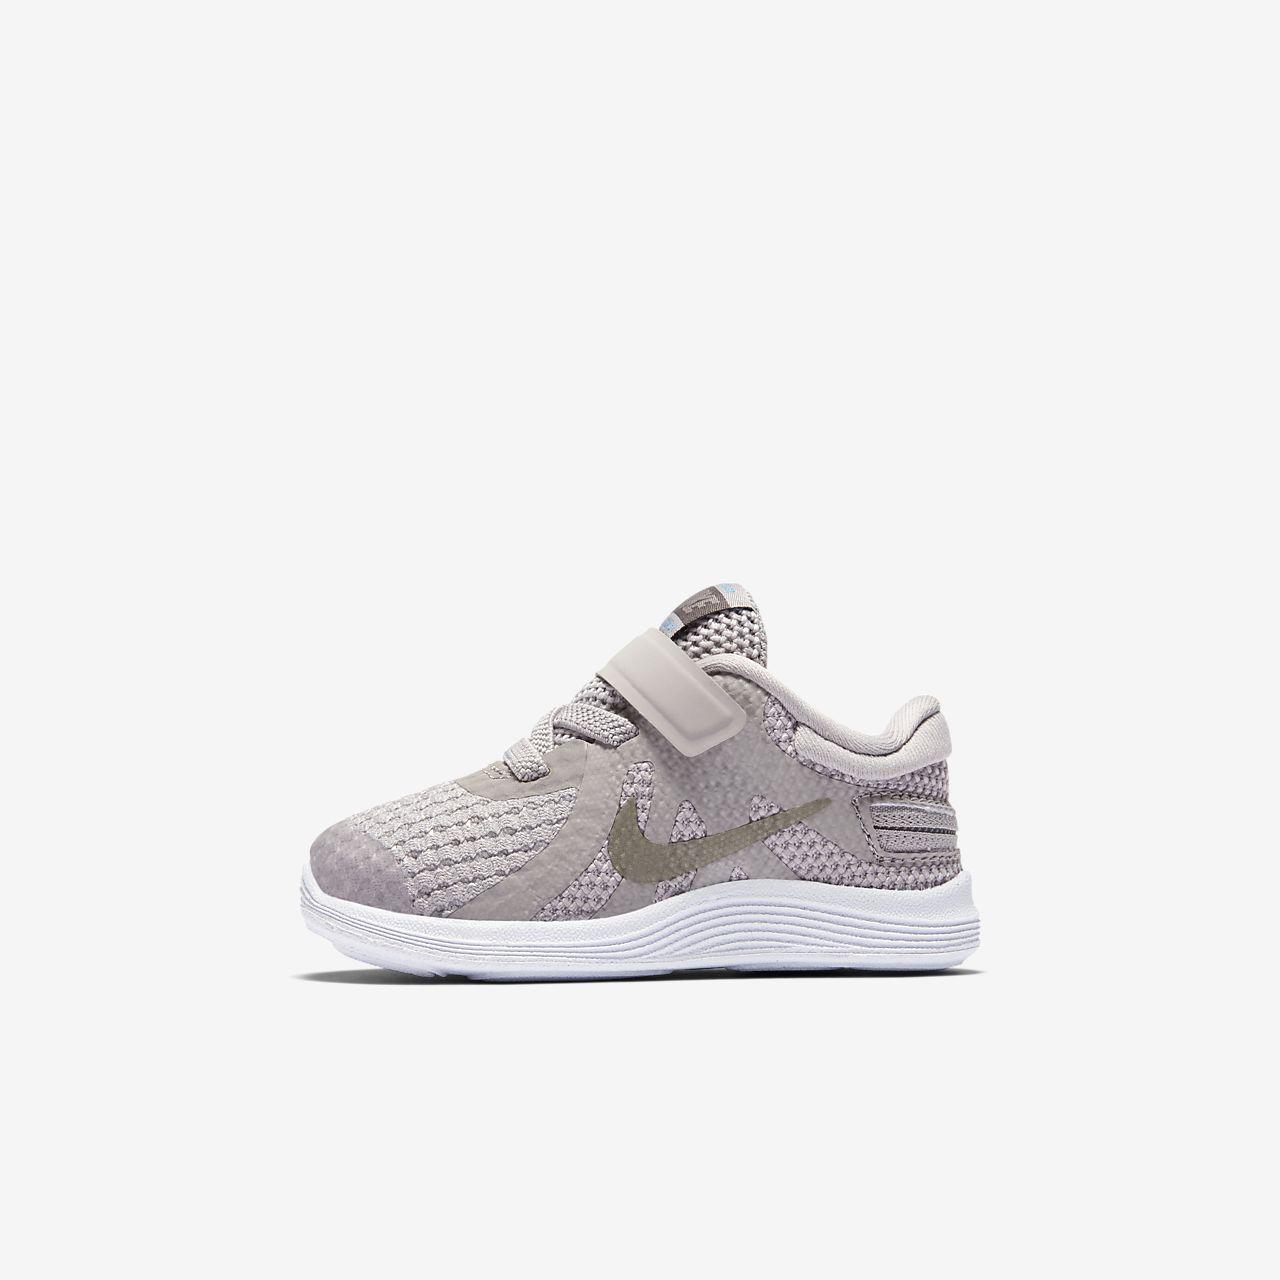 Sko Nike Revolution 4 FlyEase för baby/små barn